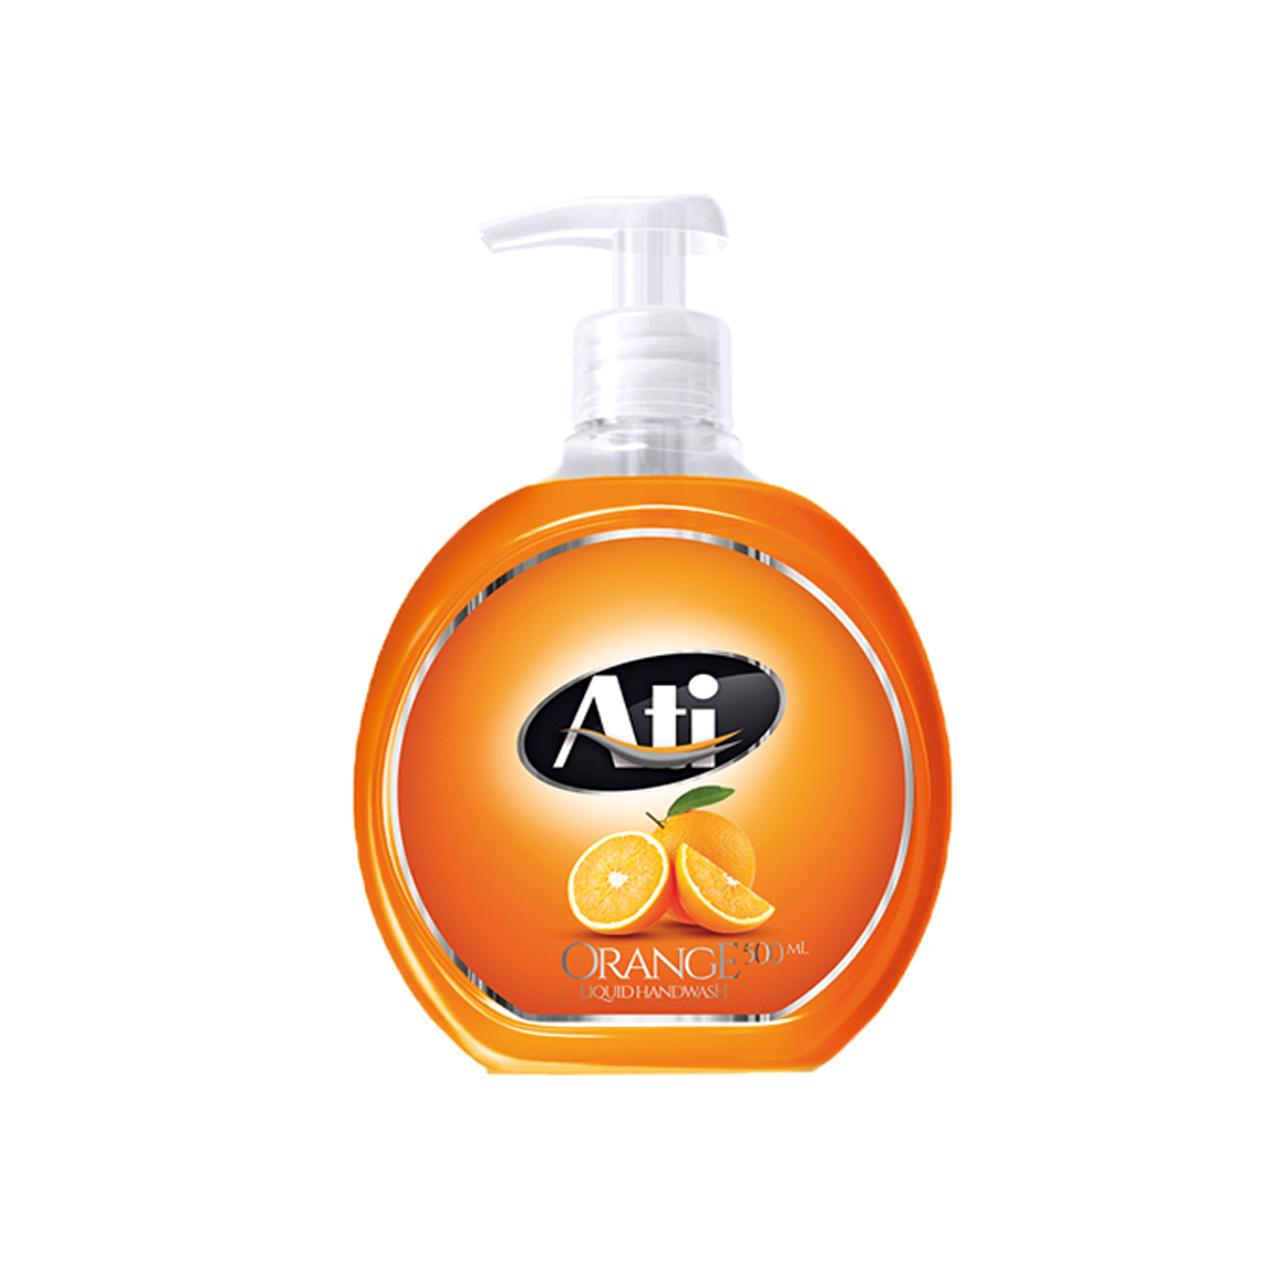 مایع دستشویی آتی با رایحه پرتقال وزن 500 گرم thumb